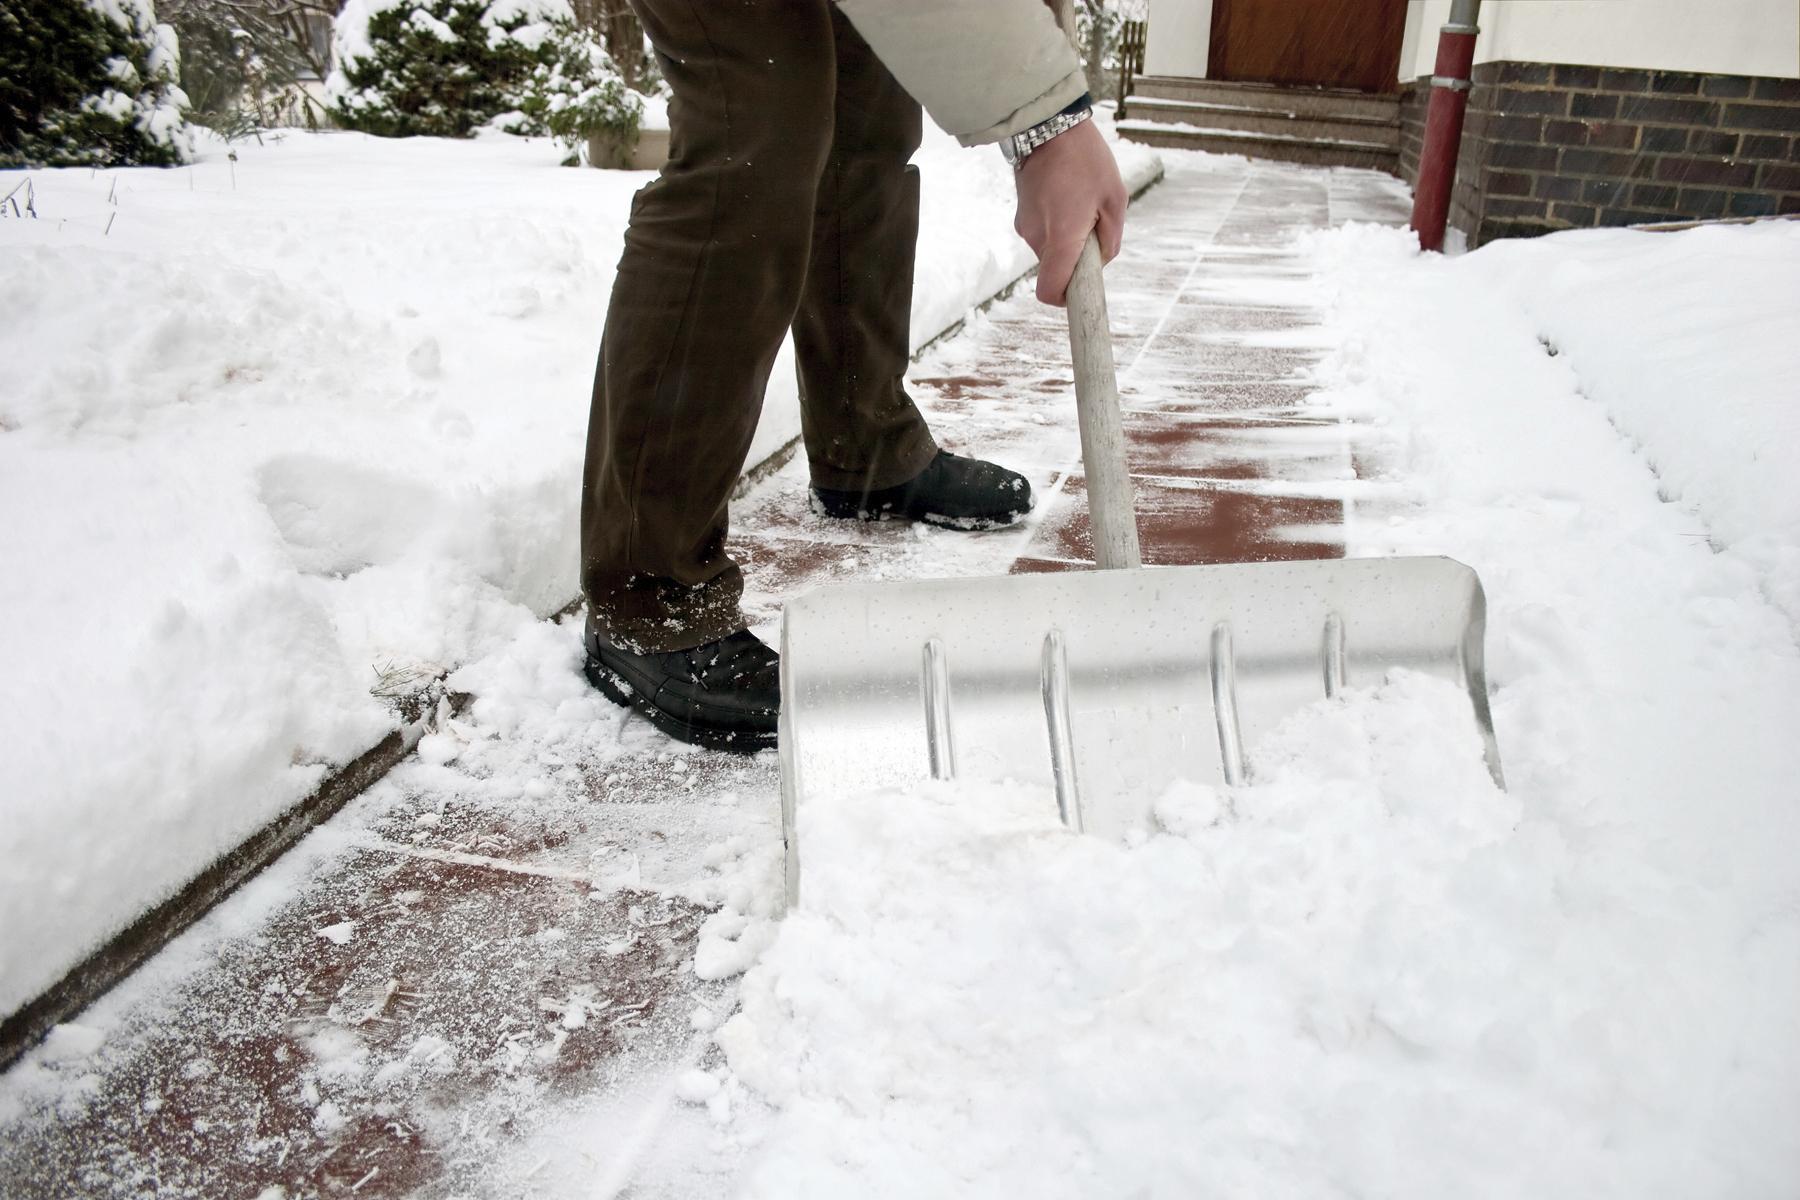 Man shoveling snow at a footpath